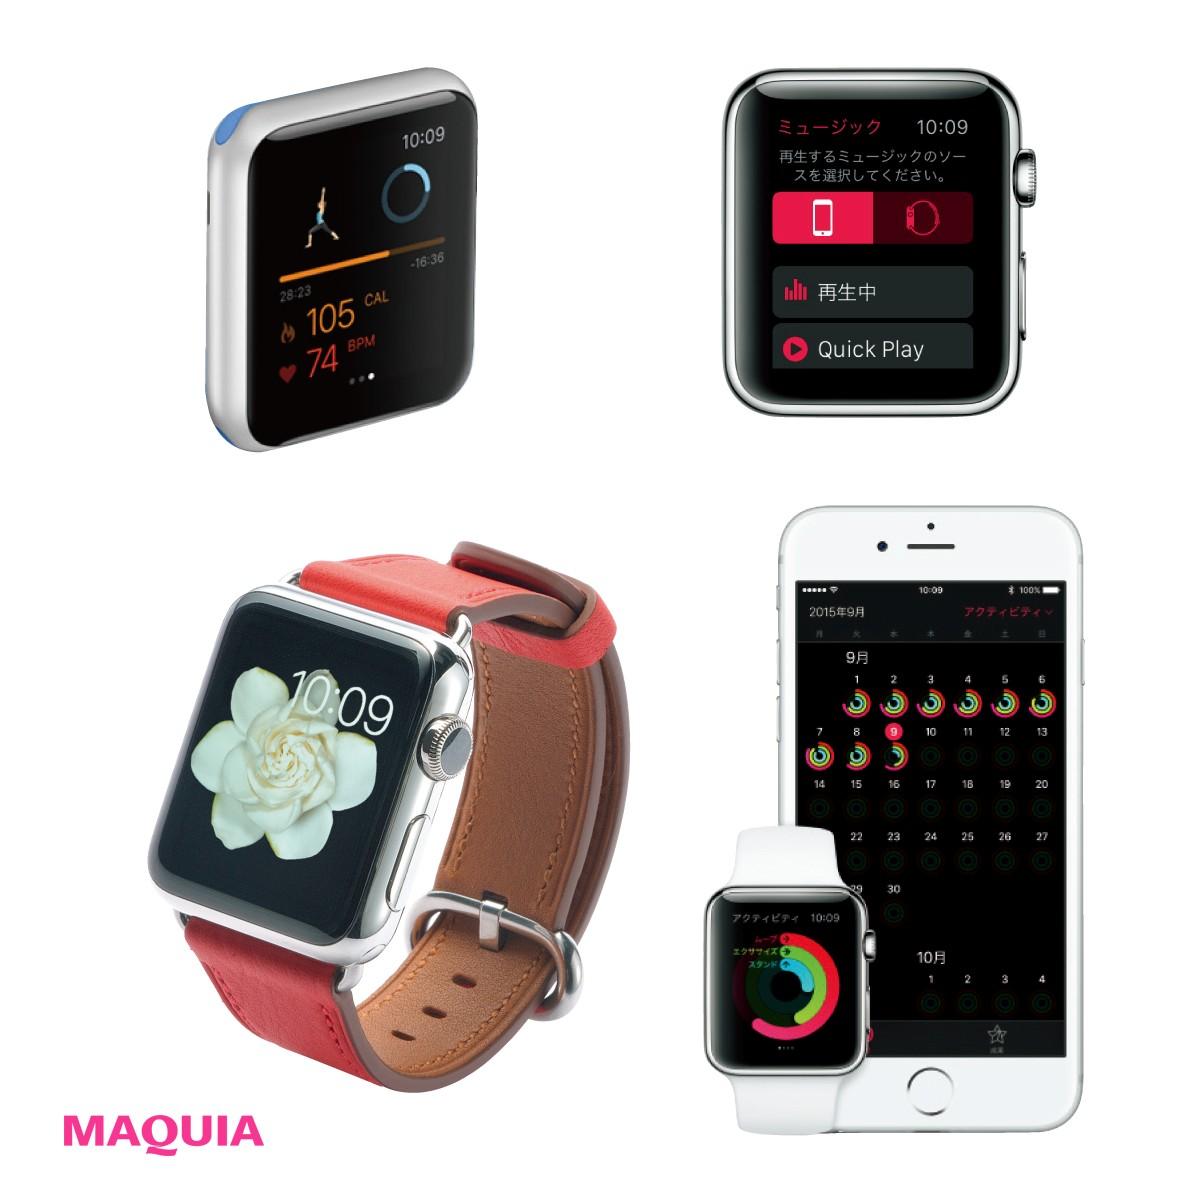 デジタルで痩せる! カラダ計測や美データチェックまでApple Watchはうれしい機能満載